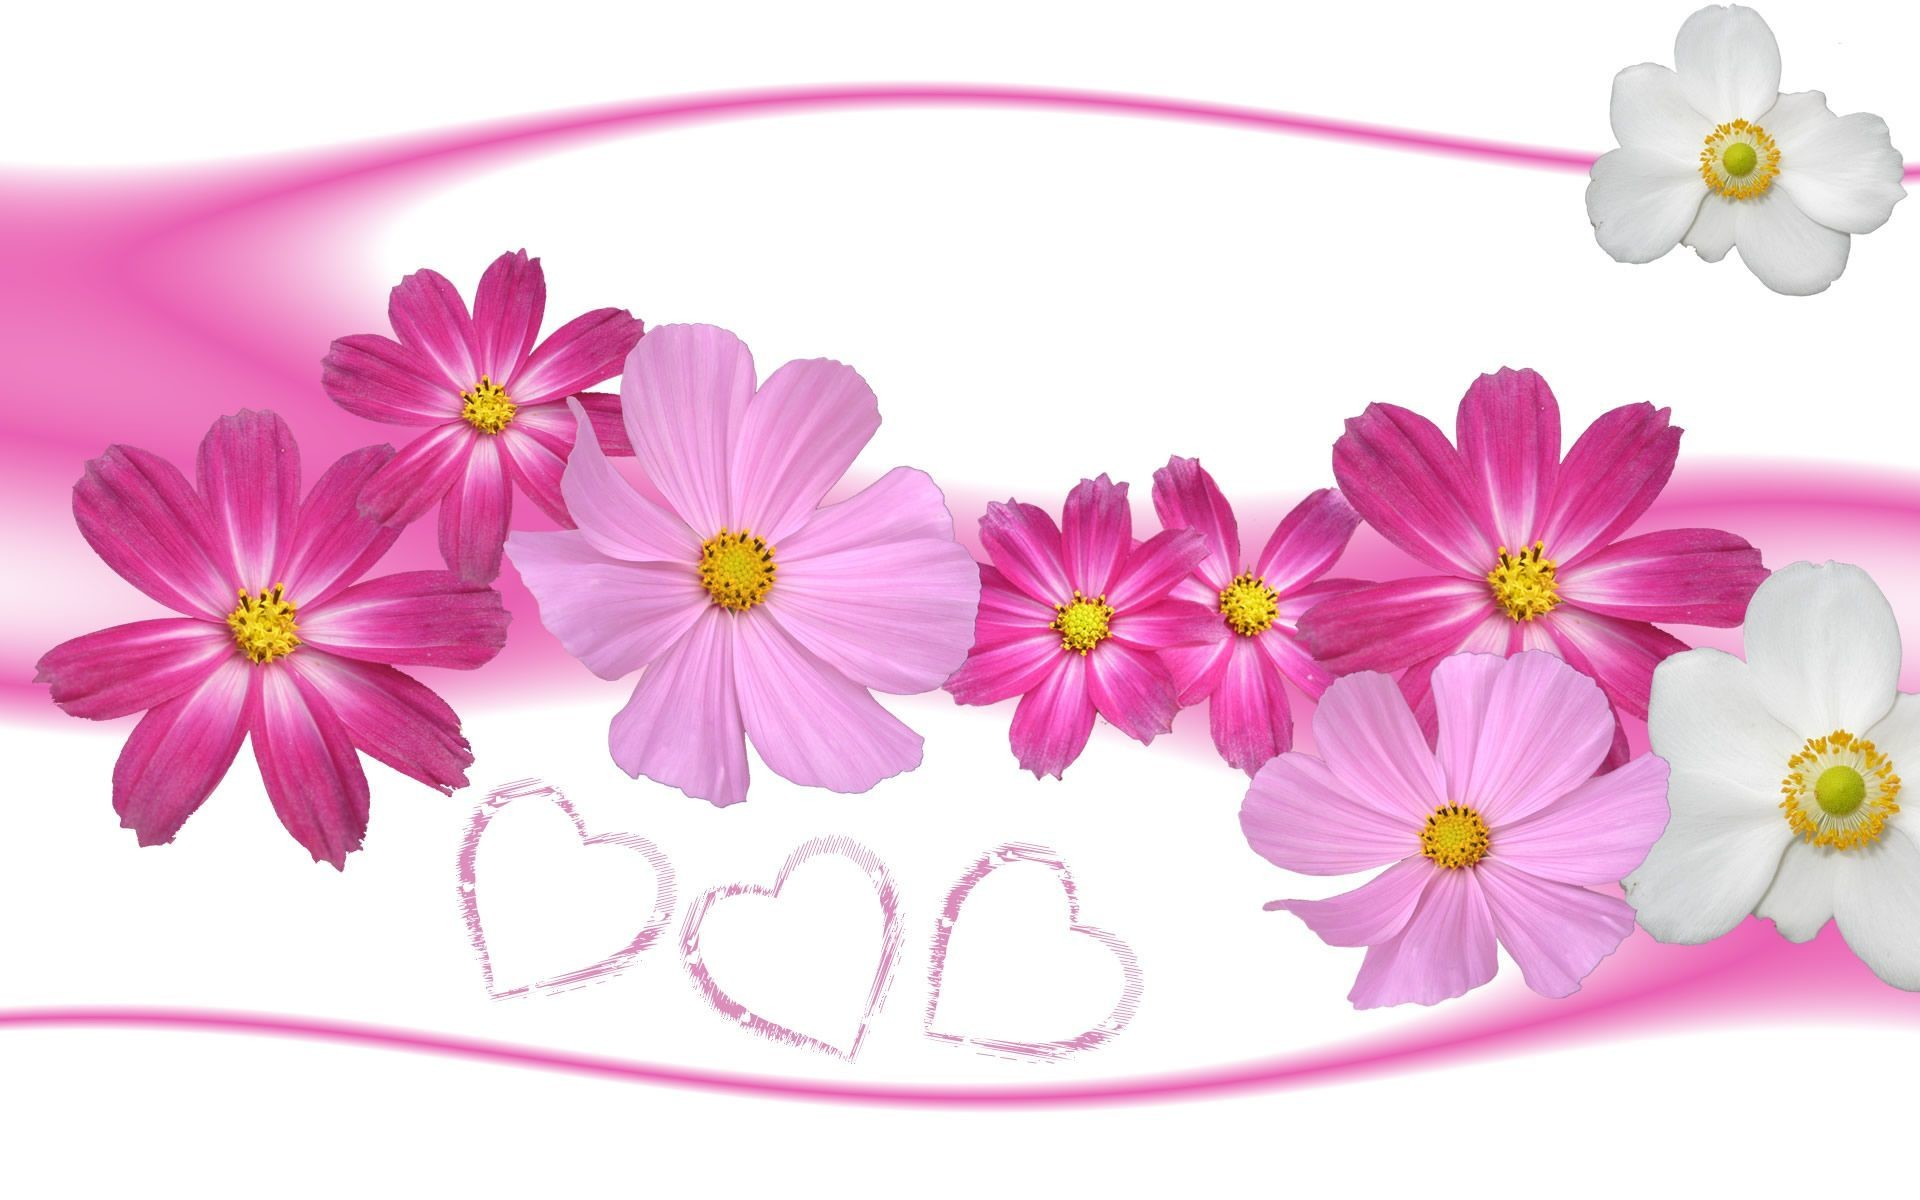 Res: 1920x1200, Wallpaper-flower-Hintergrund-Galerie-(79-Plus)-PIC-WPW101419